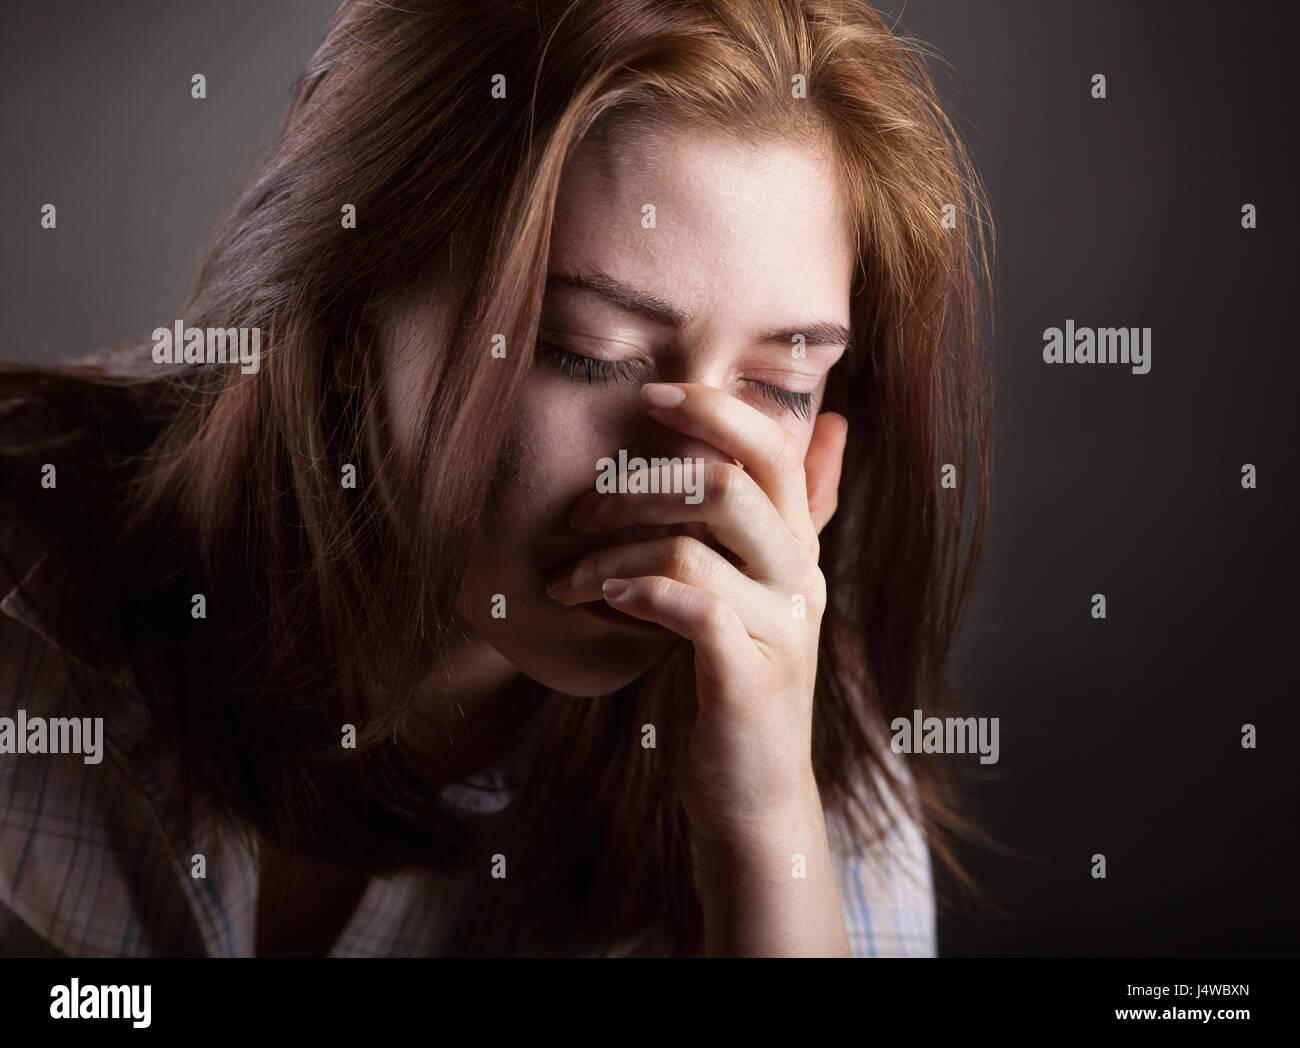 Weinende Frau auf dunklem Hintergrund Stockfoto